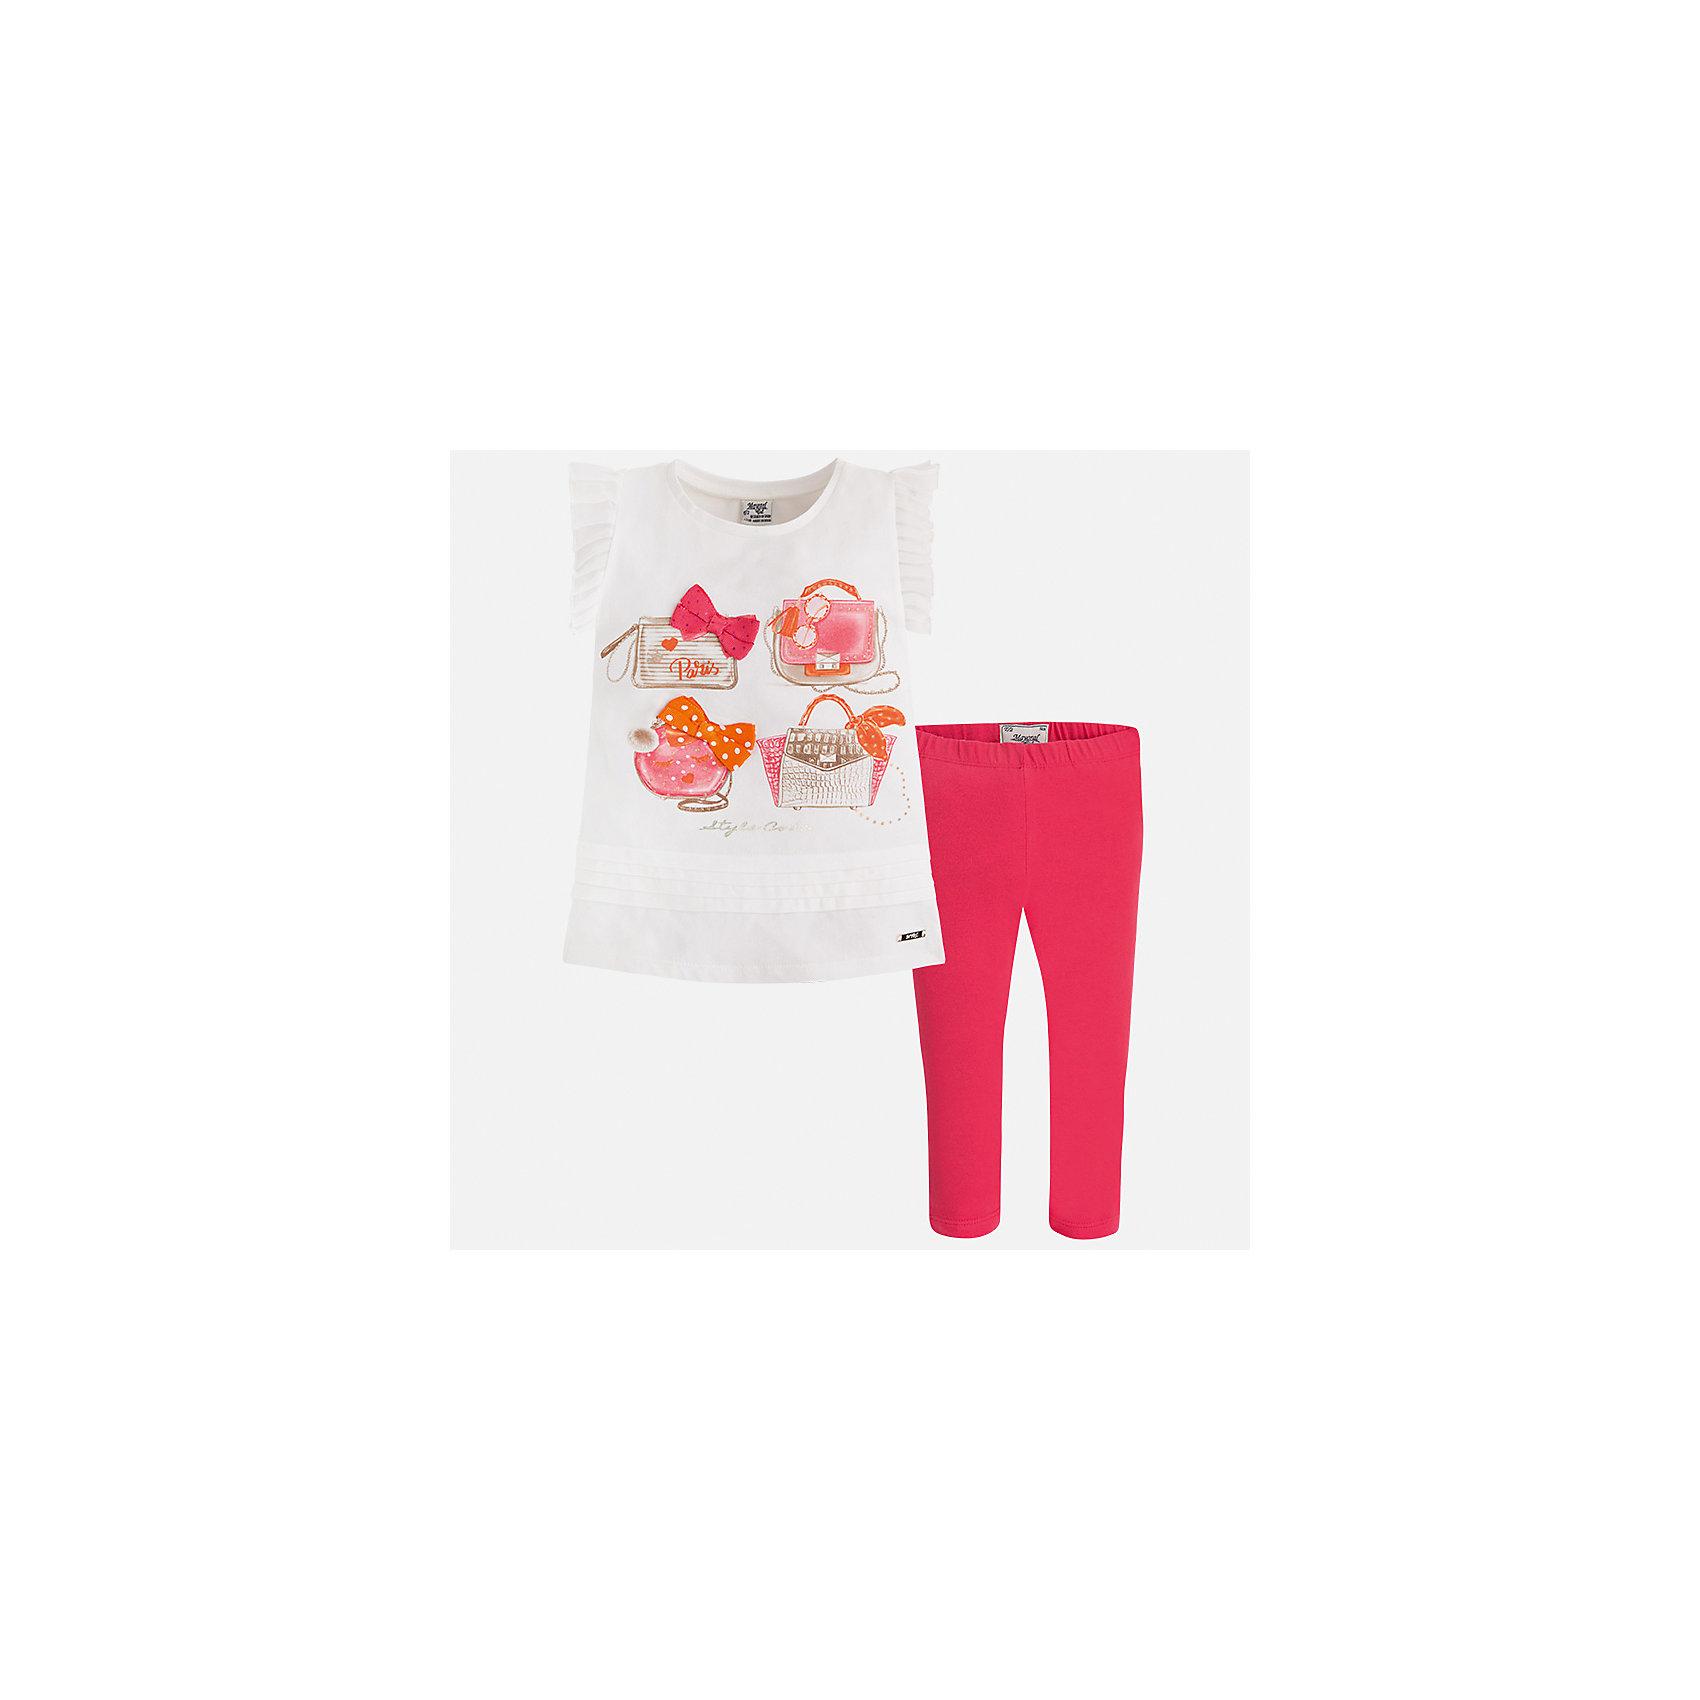 Комплект: блузка и леггинсы для девочки MayoralКомплекты<br>Характеристики товара:<br><br>• цвет: белый/розовый<br>• состав: 95% хлопок, 5% эластан<br>• комплектация: футболка, леггинсы<br>• футболка декорирована принтом и оборками<br>• леггинсы однотонные<br>• пояс на резинке<br>• страна бренда: Испания<br><br>Красивый качественный комплект для девочки поможет разнообразить гардероб ребенка и удобно одеться в теплую погоду. Он отлично сочетается с другими предметами. Интересная отделка модели делает её нарядной и оригинальной. В составе материала - натуральный хлопок, гипоаллергенный, приятный на ощупь, дышащий.<br><br>Комплект для девочки от испанского бренда Mayoral (Майорал) можно купить в нашем интернет-магазине.<br><br>Ширина мм: 123<br>Глубина мм: 10<br>Высота мм: 149<br>Вес г: 209<br>Цвет: красный<br>Возраст от месяцев: 18<br>Возраст до месяцев: 24<br>Пол: Женский<br>Возраст: Детский<br>Размер: 92,134,128,122,116,110,104,98<br>SKU: 5290622